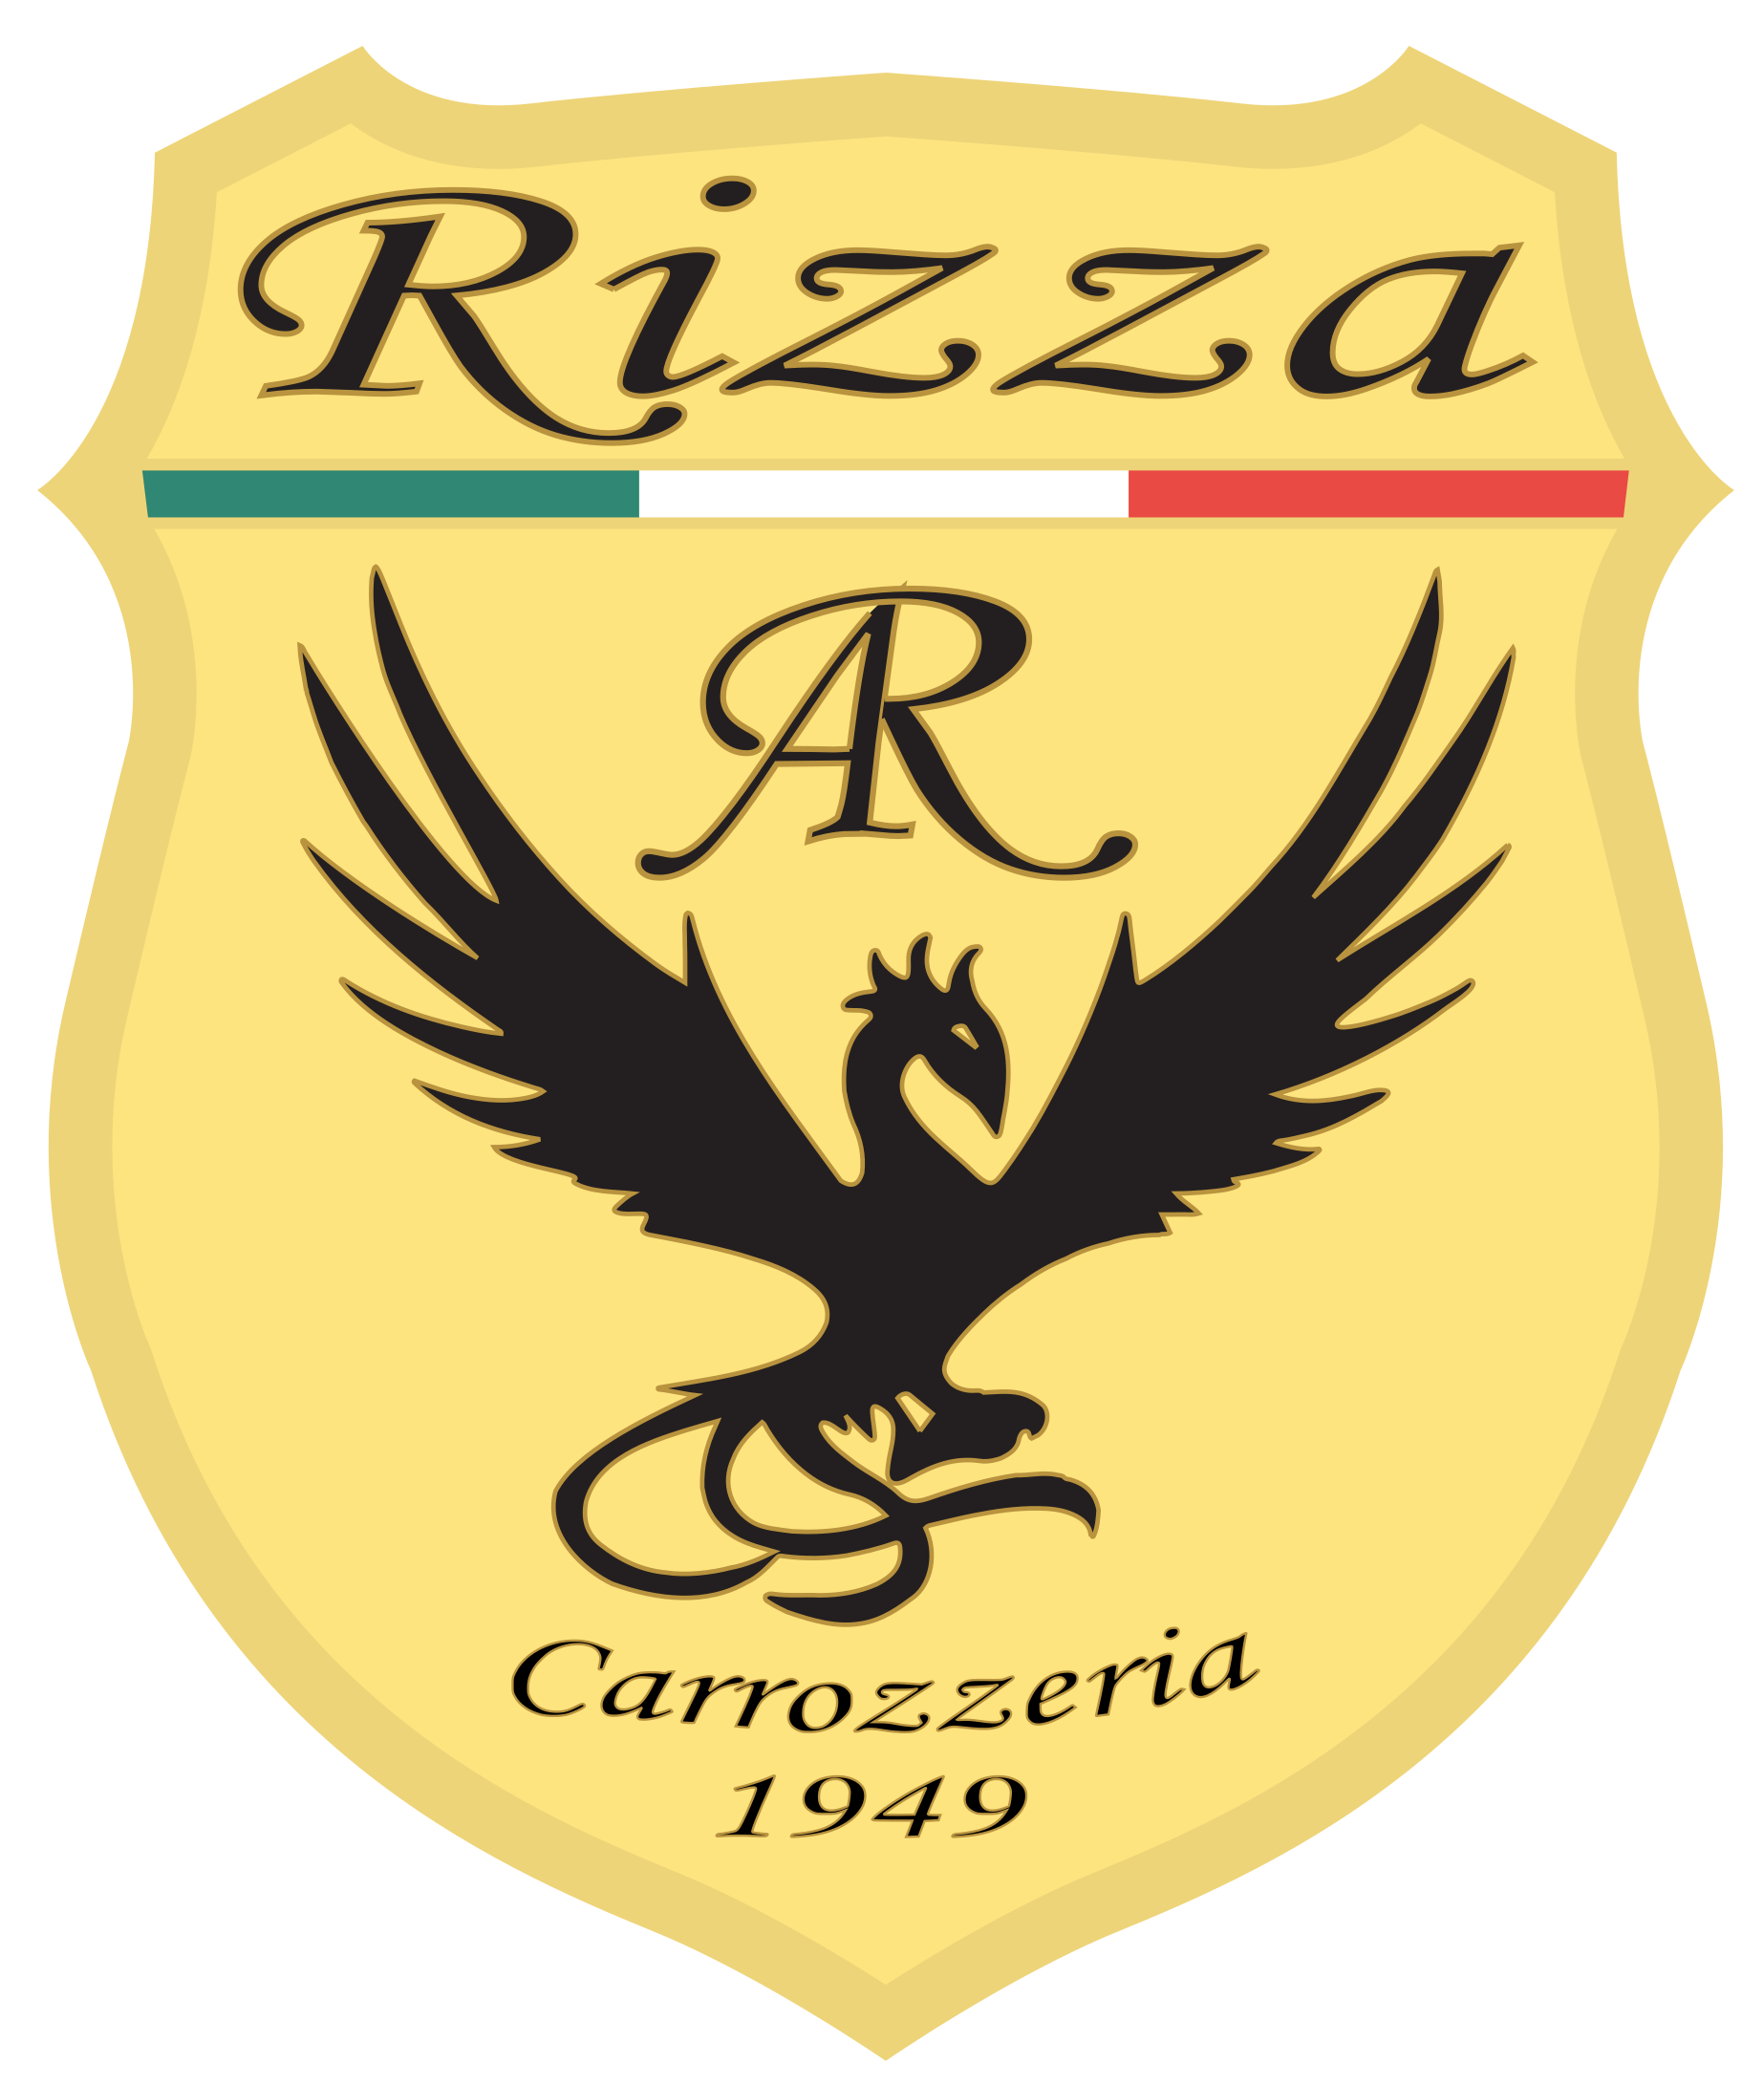 Carrozzeria Rizza